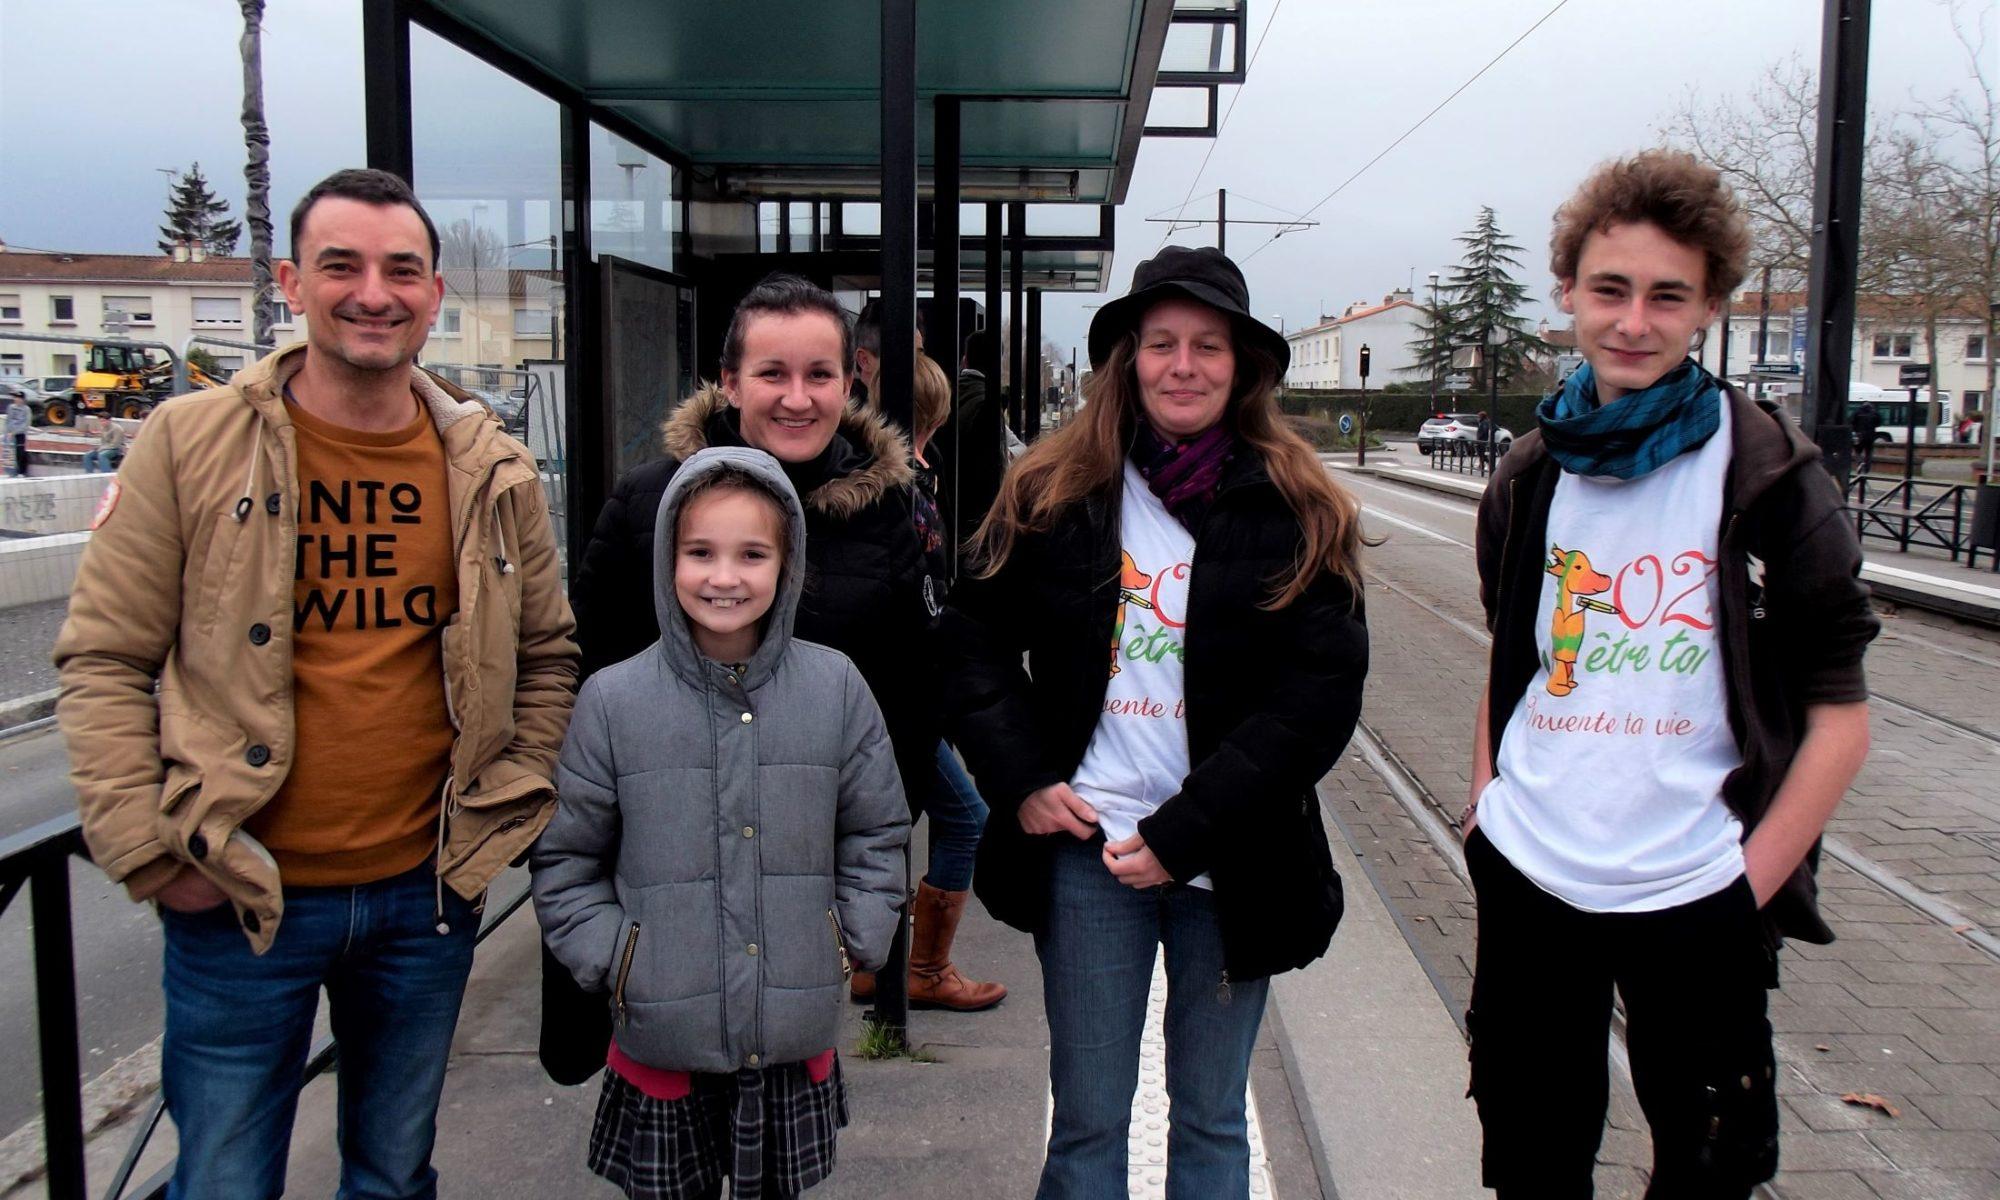 groupe de 5 personnes à un arrêt du tramway de Nantes